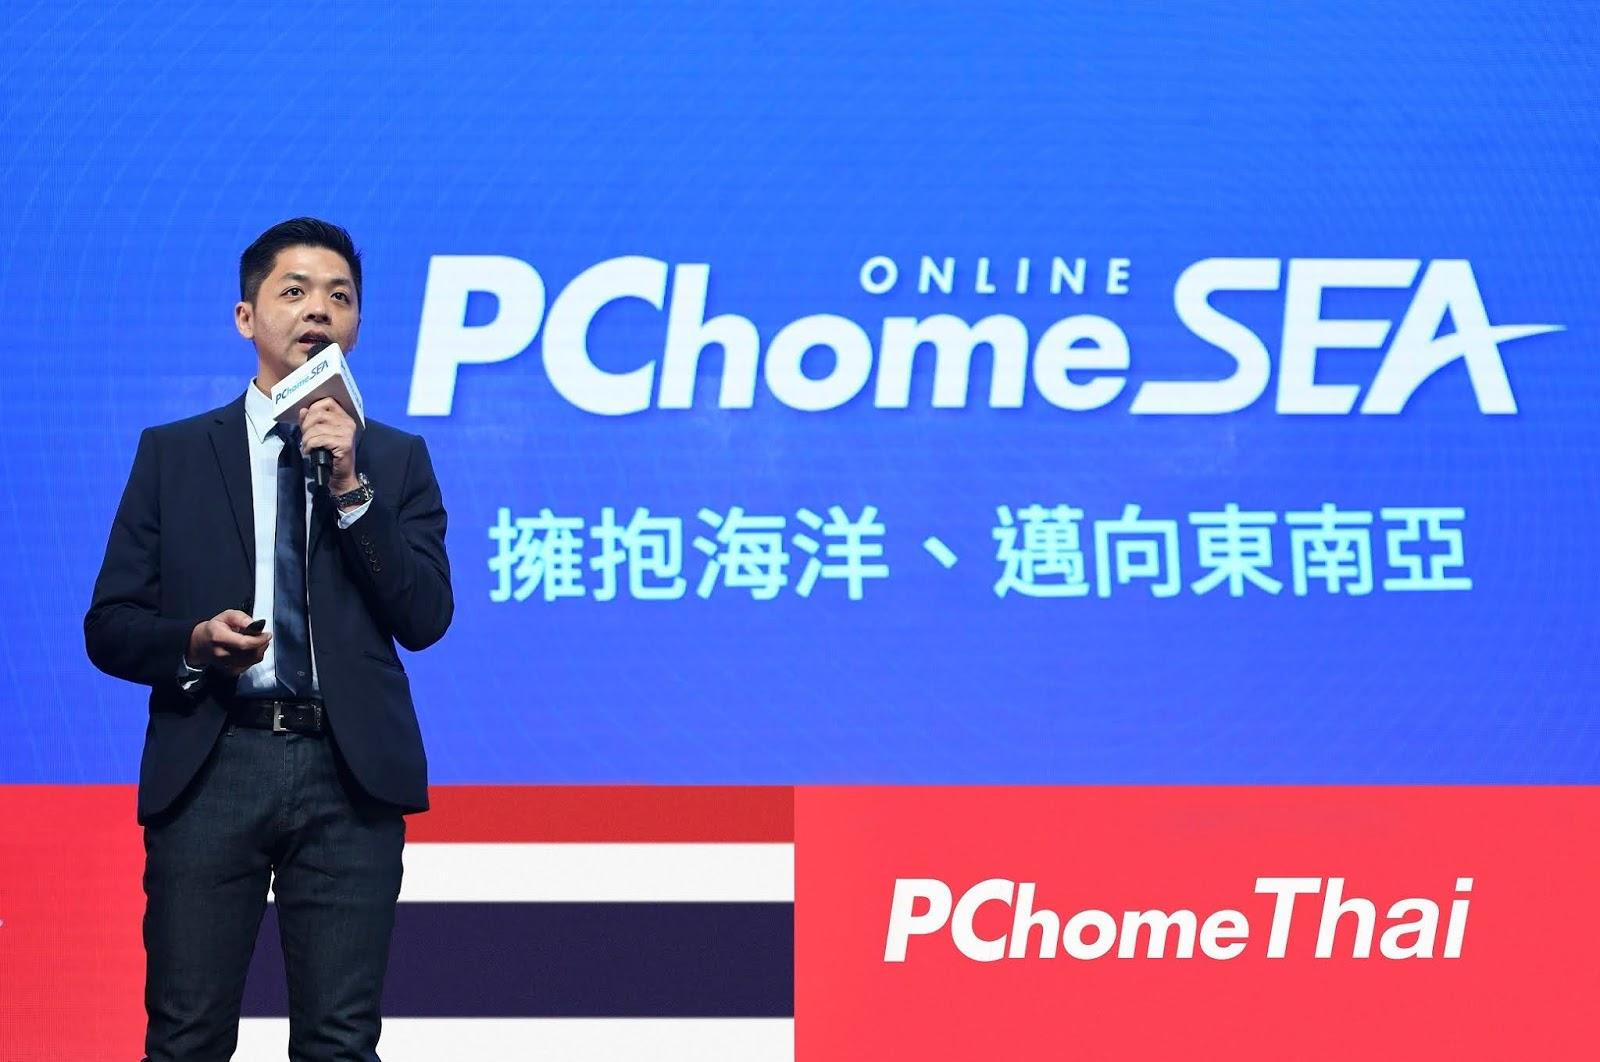 PChome Thailand ผู้นำอีคอมเมิร์ซยักษ์ใหญ่จากไต้หวัน เดินหน้านำทัพสินค้าไต้หวัน ราคาดี มีคุณภาพ บุกตลาดไทยอย่างต่อเนื่อง